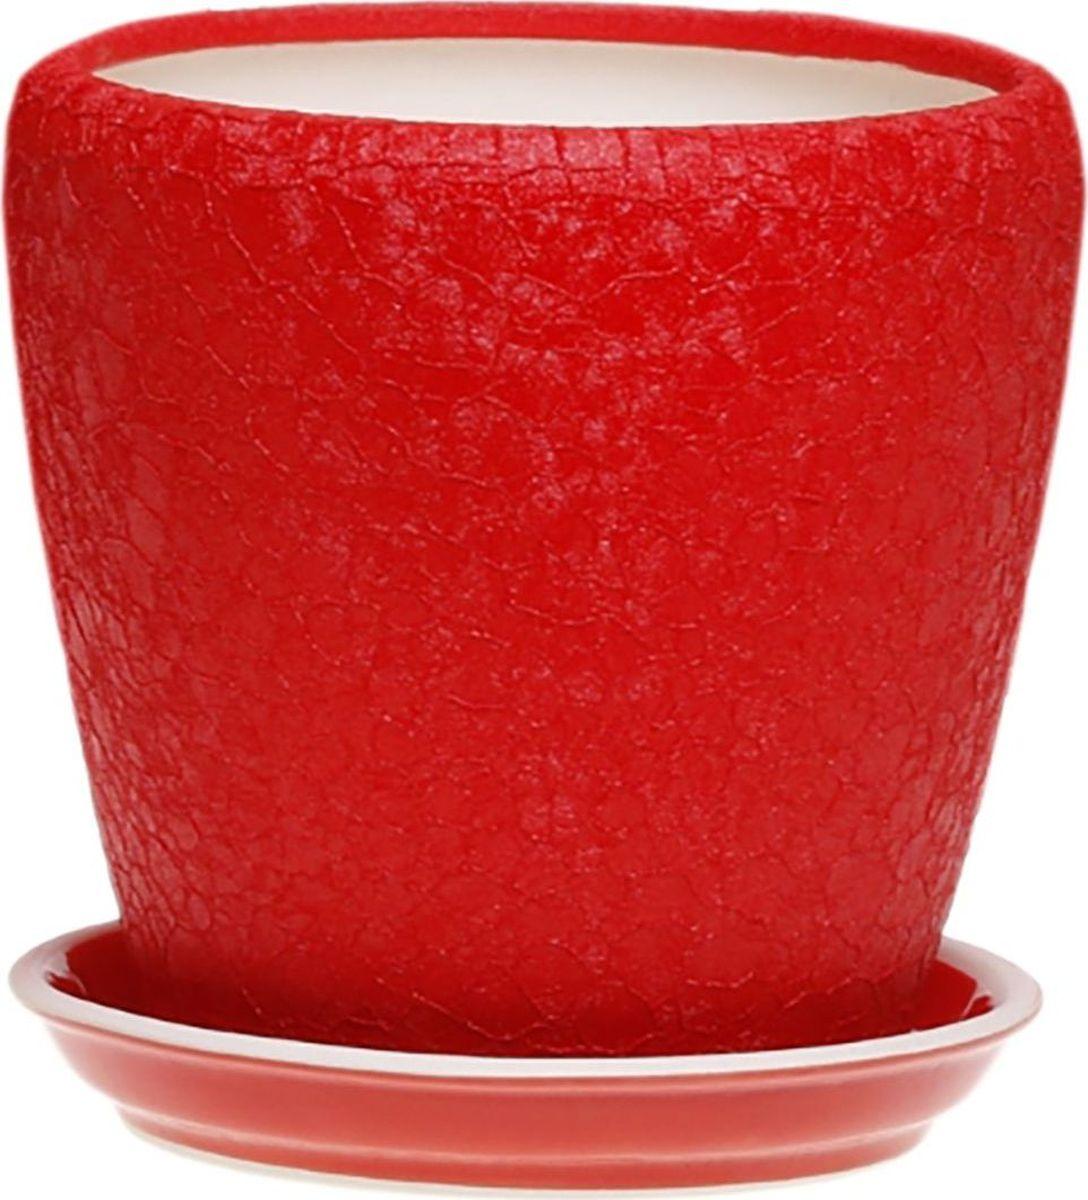 Кашпо Керамика ручной работы Грация, цвет: красный, 2,3 л1158466Комнатные растения — всеобщие любимцы. Они радуют глаз, насыщают помещение кислородом и украшают пространство. Каждому из них необходим свой удобный и красивый дом. Кашпо из керамики прекрасно подходят для высадки растений: за счет пластичности глины и разных способов обработки существует великое множество форм и дизайнов пористый материал позволяет испаряться лишней влаге воздух, необходимый для дыхания корней, проникает сквозь керамические стенки! позаботится о зеленом питомце, освежит интерьер и подчеркнет его стиль.